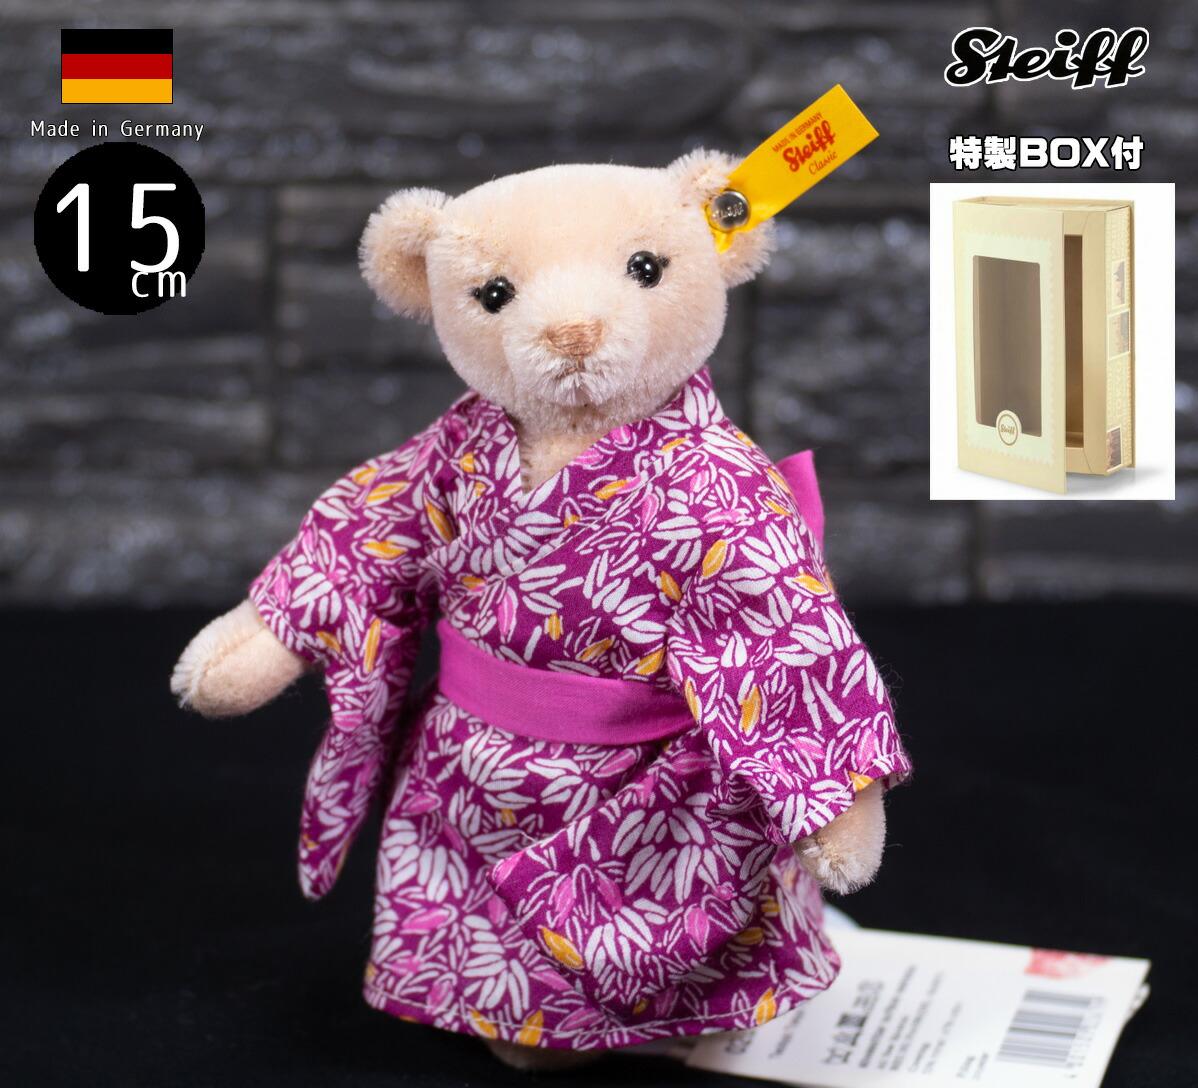 シュタイフ(steiff)東京 テディベア Tokyo Teddy Bear 15 cm ぬいぐるみ ギフト プレゼント クリスマス